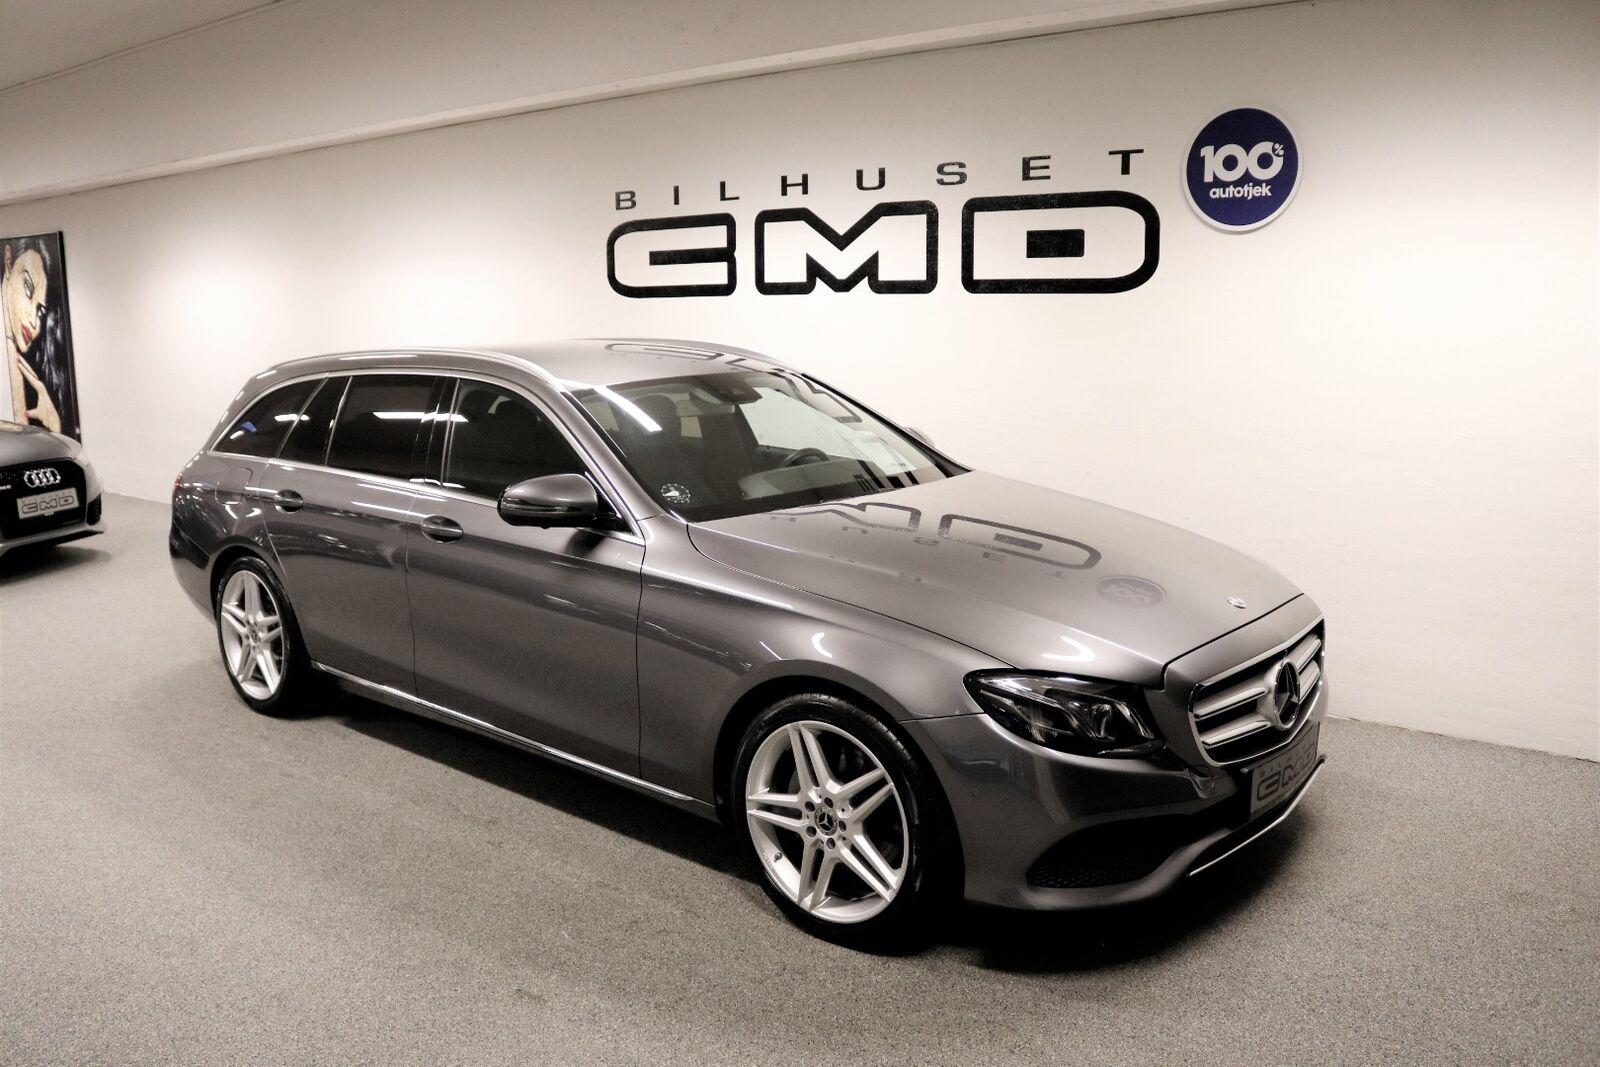 Mercedes E350 d 3,0 stc. aut. 5d - 549.900 kr.